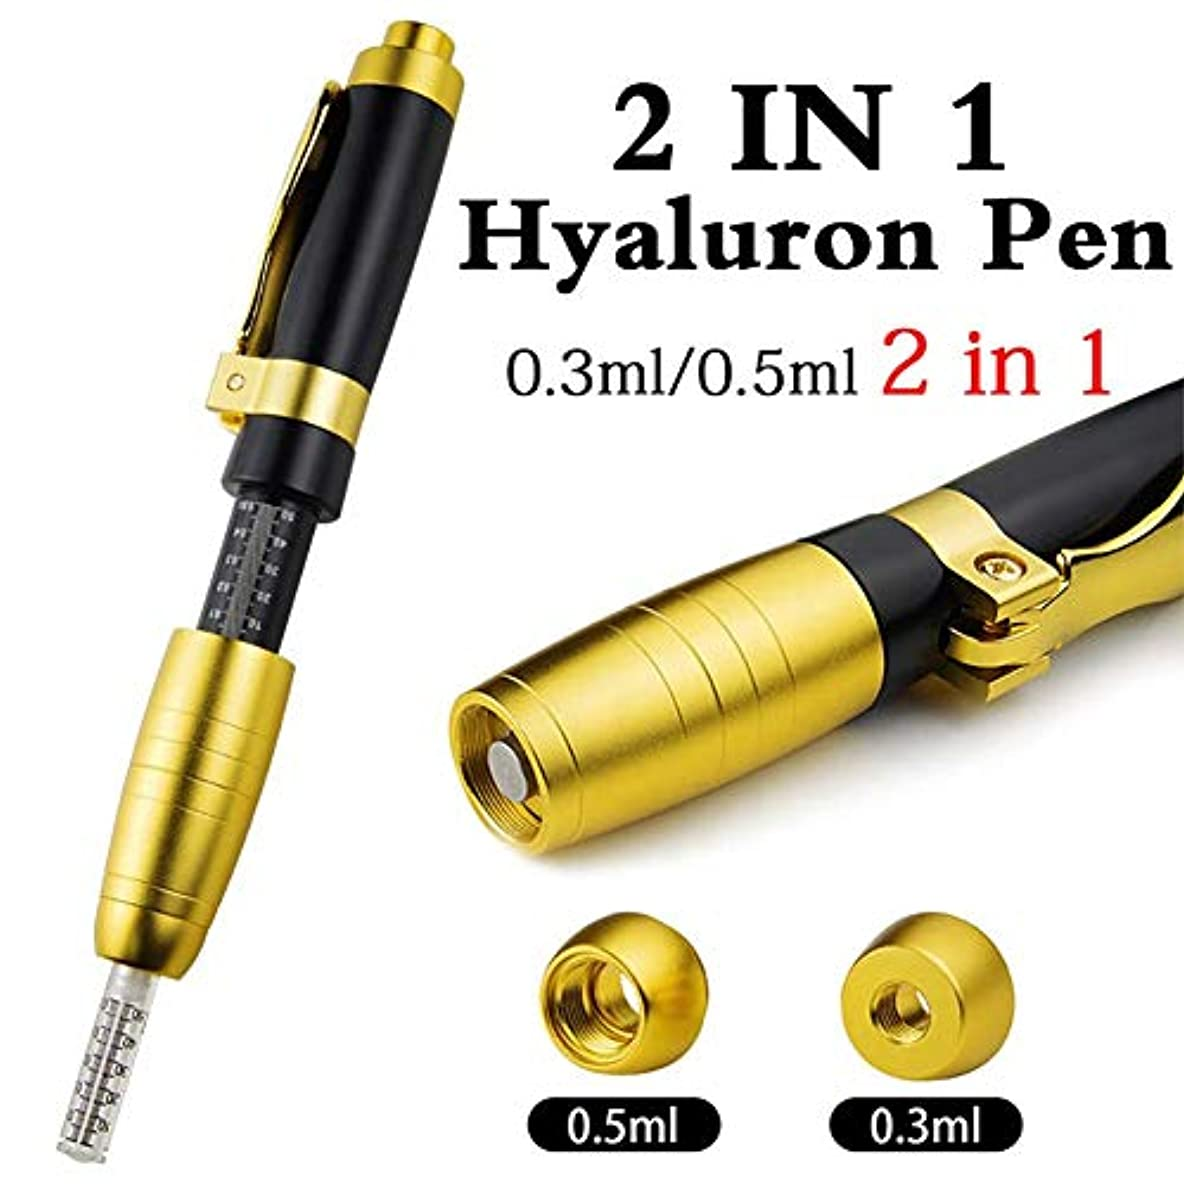 年次アレイブロー2 in 1 2ヘッドヒアルロンペン0.3ml&0.5mlヒアルロン注射ペンヒアルロン酸注射器リップフィラー針無料注射ペン